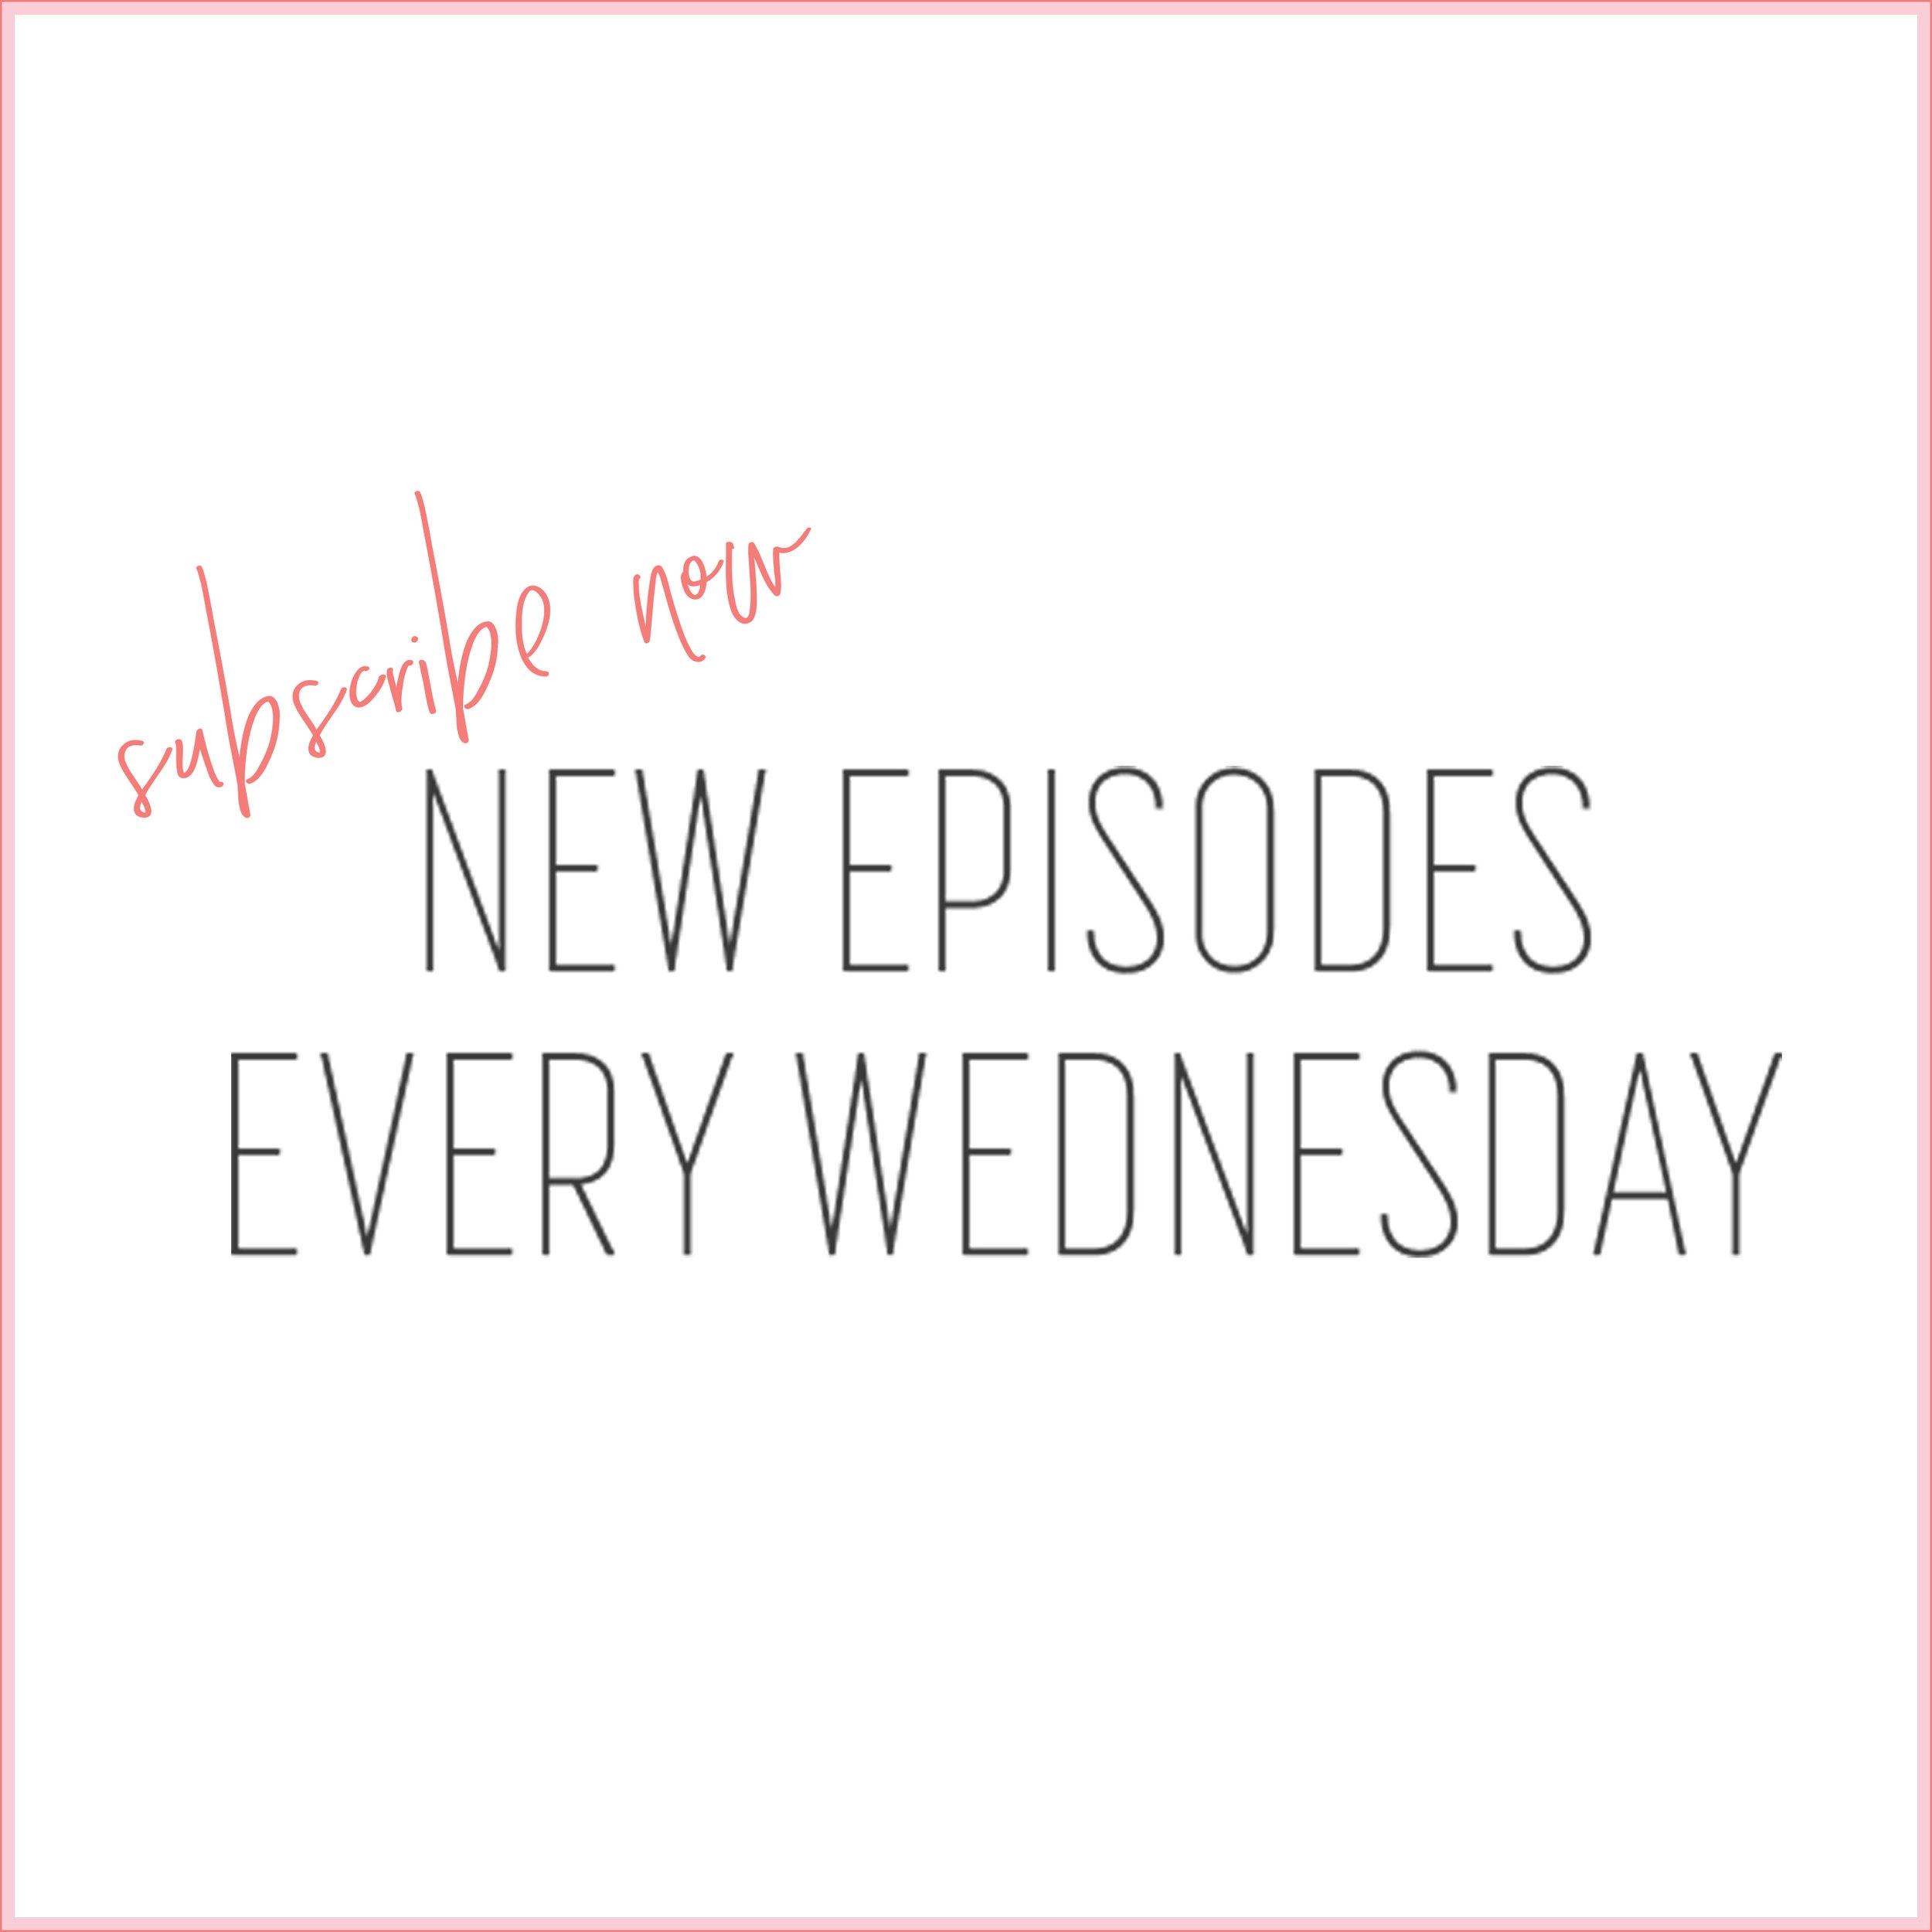 new episodes.jpg